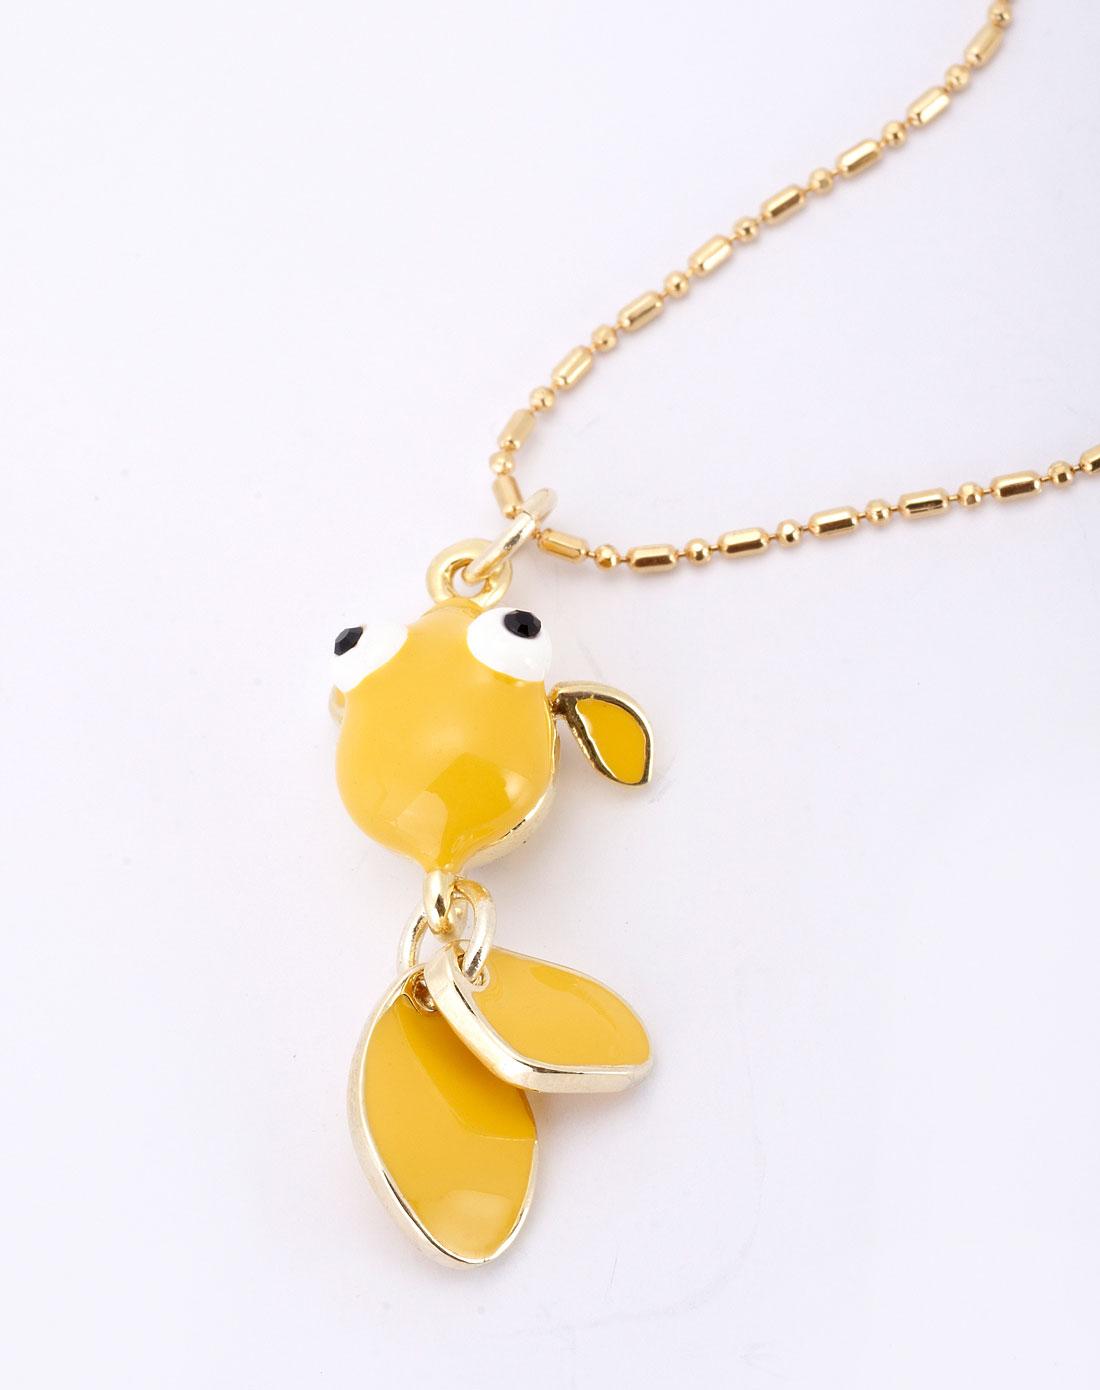 金色甜美可爱小鱼项链